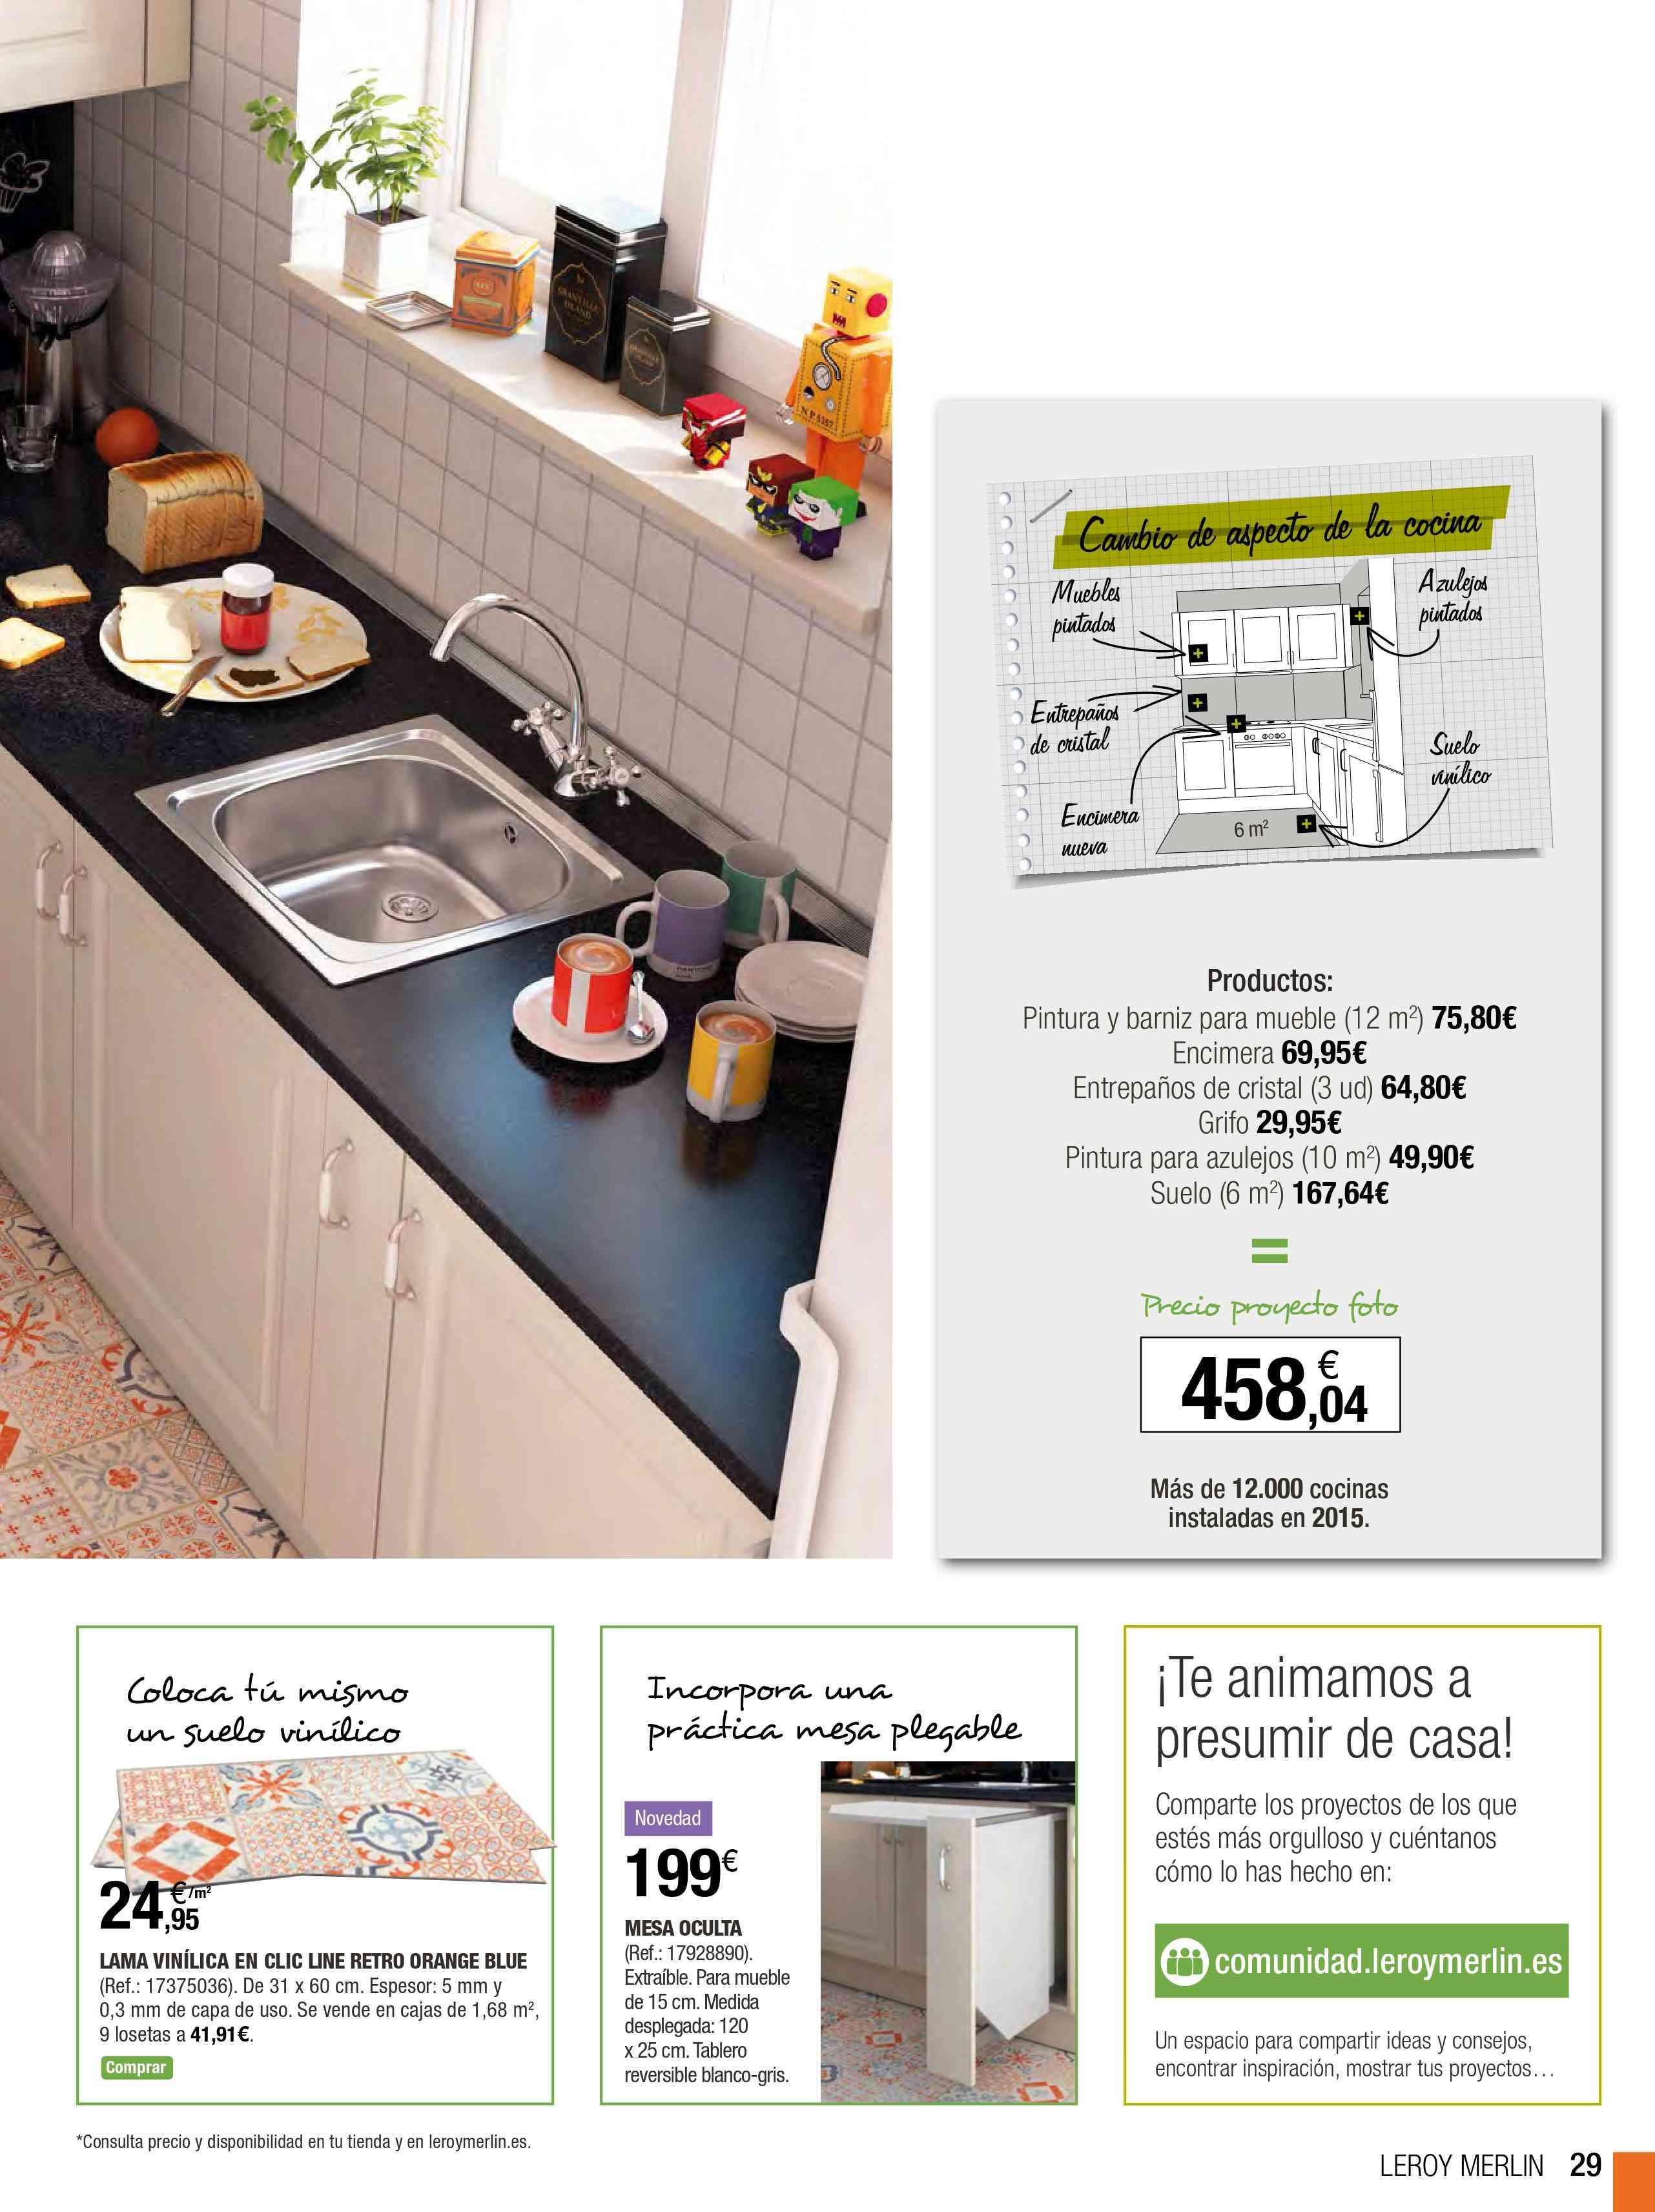 Suelos vinilo leroy merlin affordable cautivador alfombras leroy merlin vinilo glamouroso - Suelos leroy merlin catalogo ...